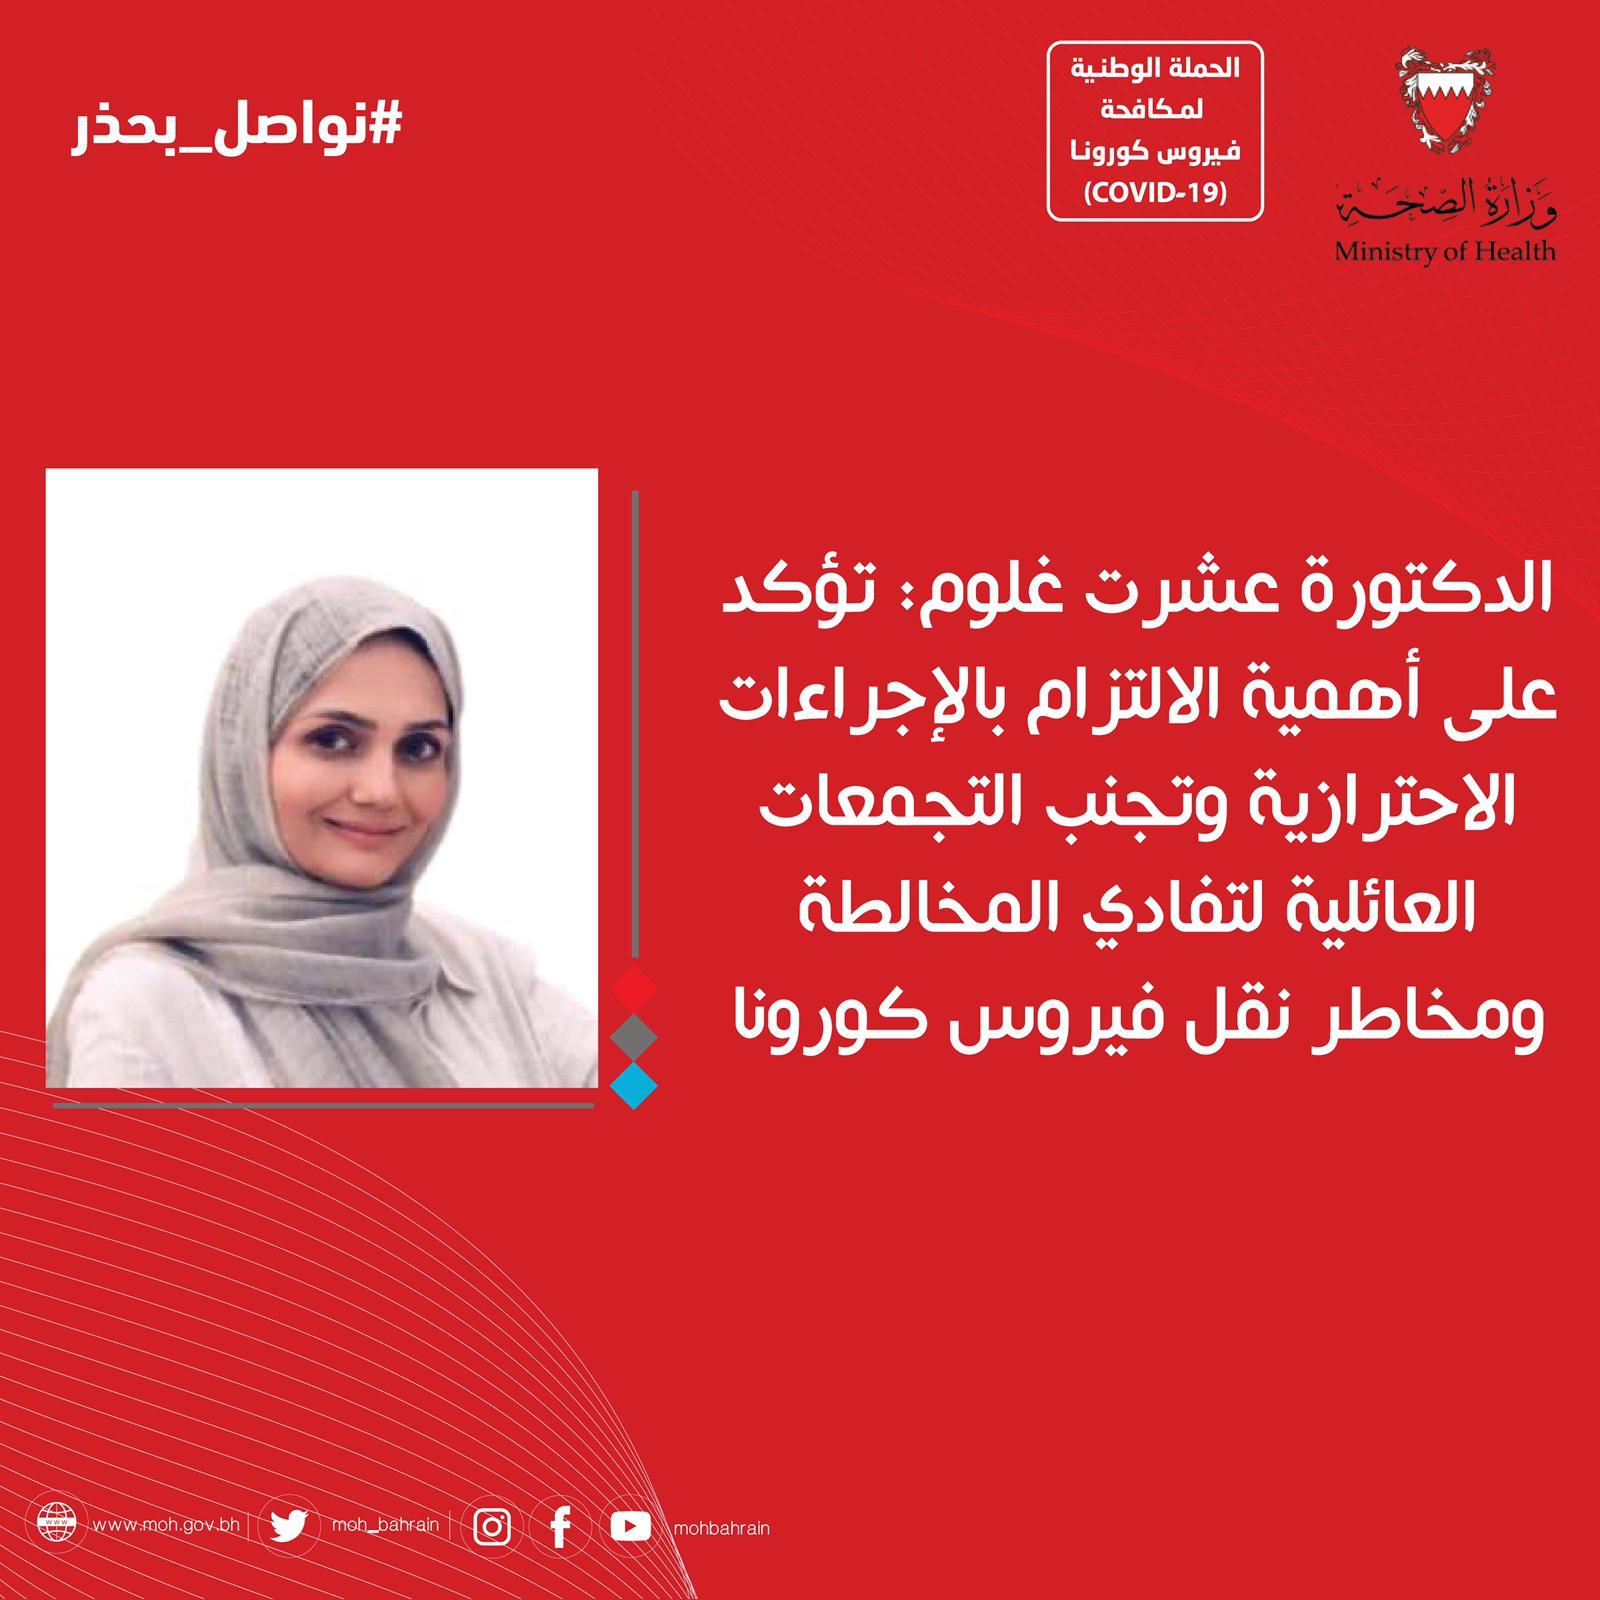 الدكتورة عشرت حسين تؤكد على أهمية الالتزام بالإجراءات الاحترازية وتجنب التجمعات العائلية لتفادي المخالطة ومخاطر نقل فيروس كورونا